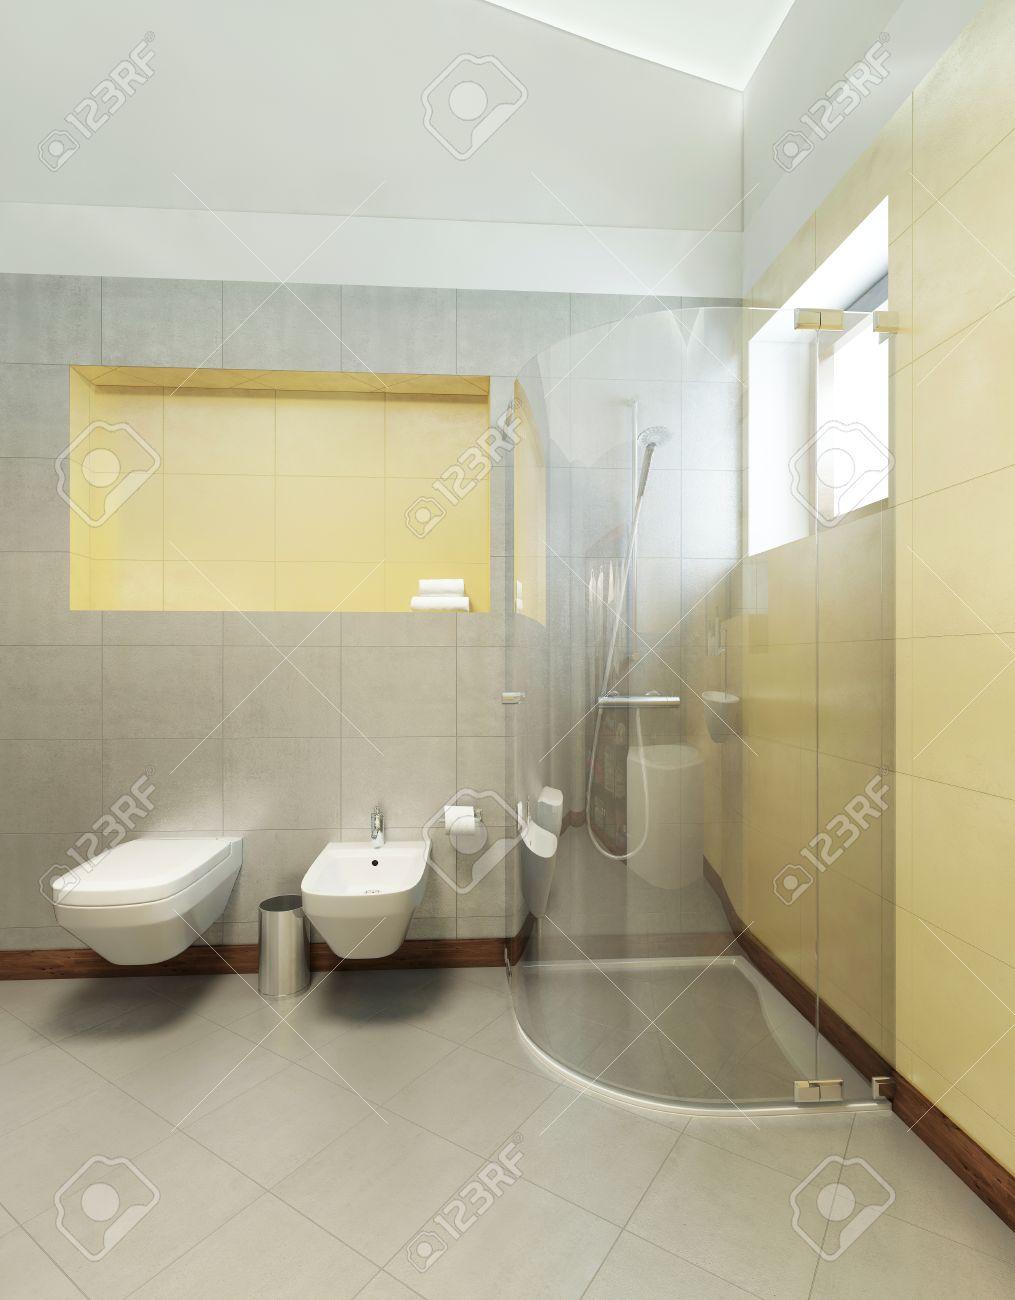 Bad Im Modernen Stil. Badezimmer Mit Grauen Und Gelben Fliesen An ...